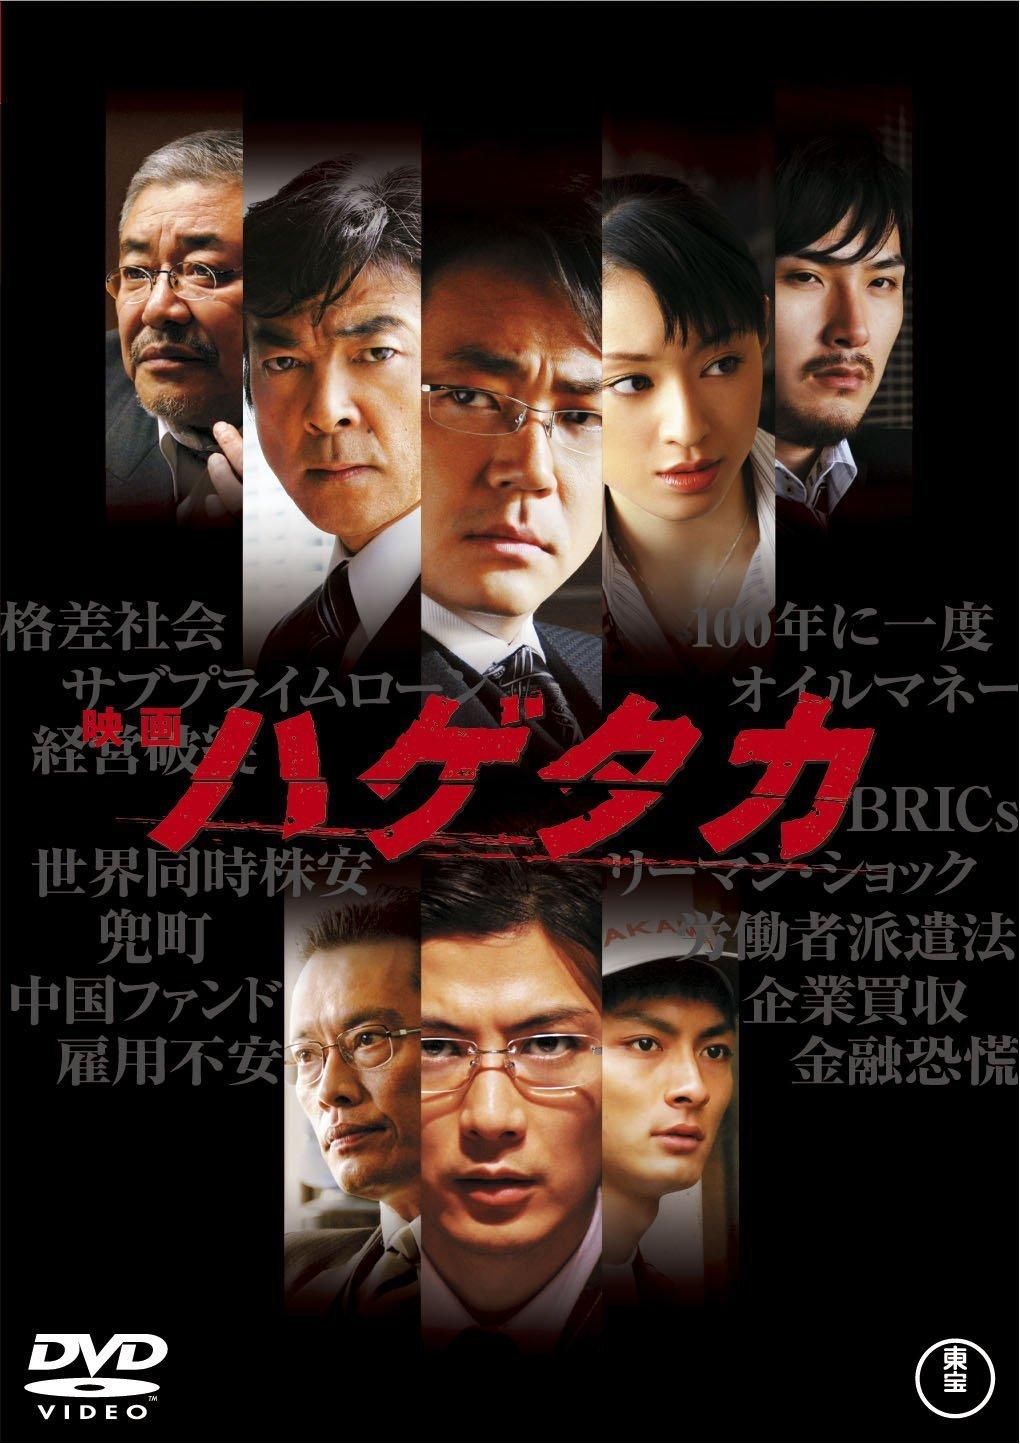 映画「ハゲタカ」